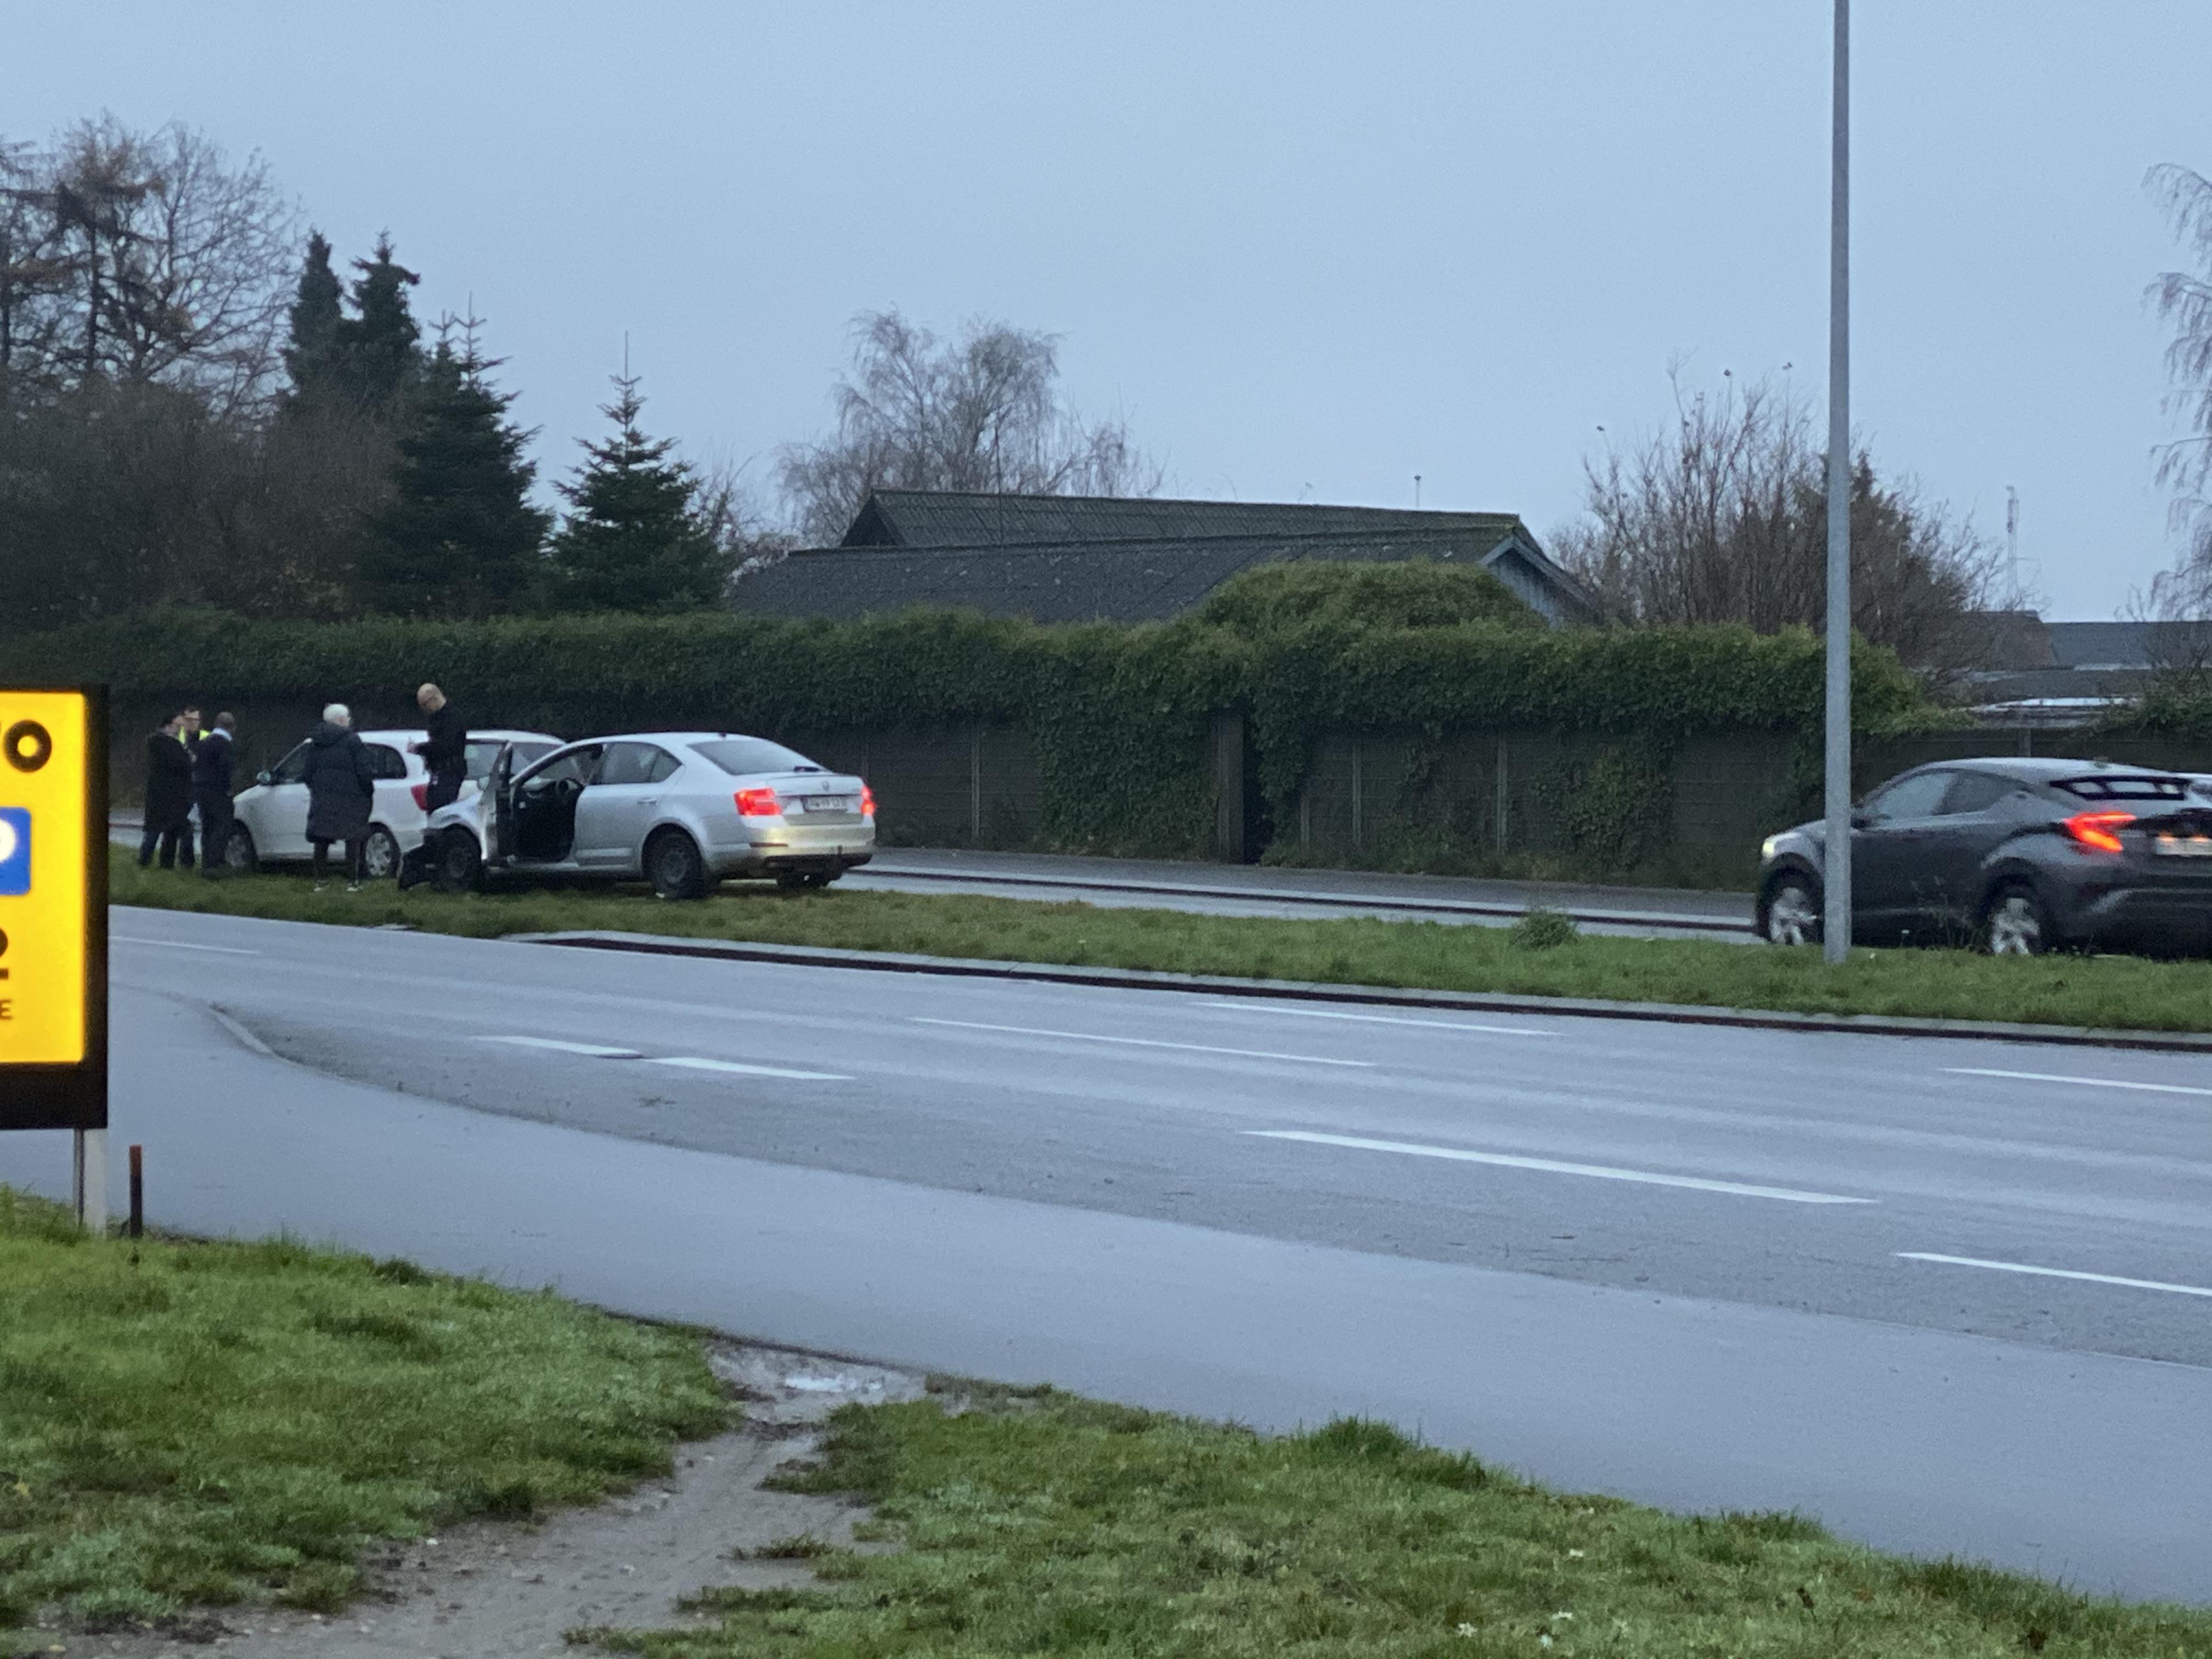 Mindre trafikuheld på Snoghøj Landevej i morgentimerne